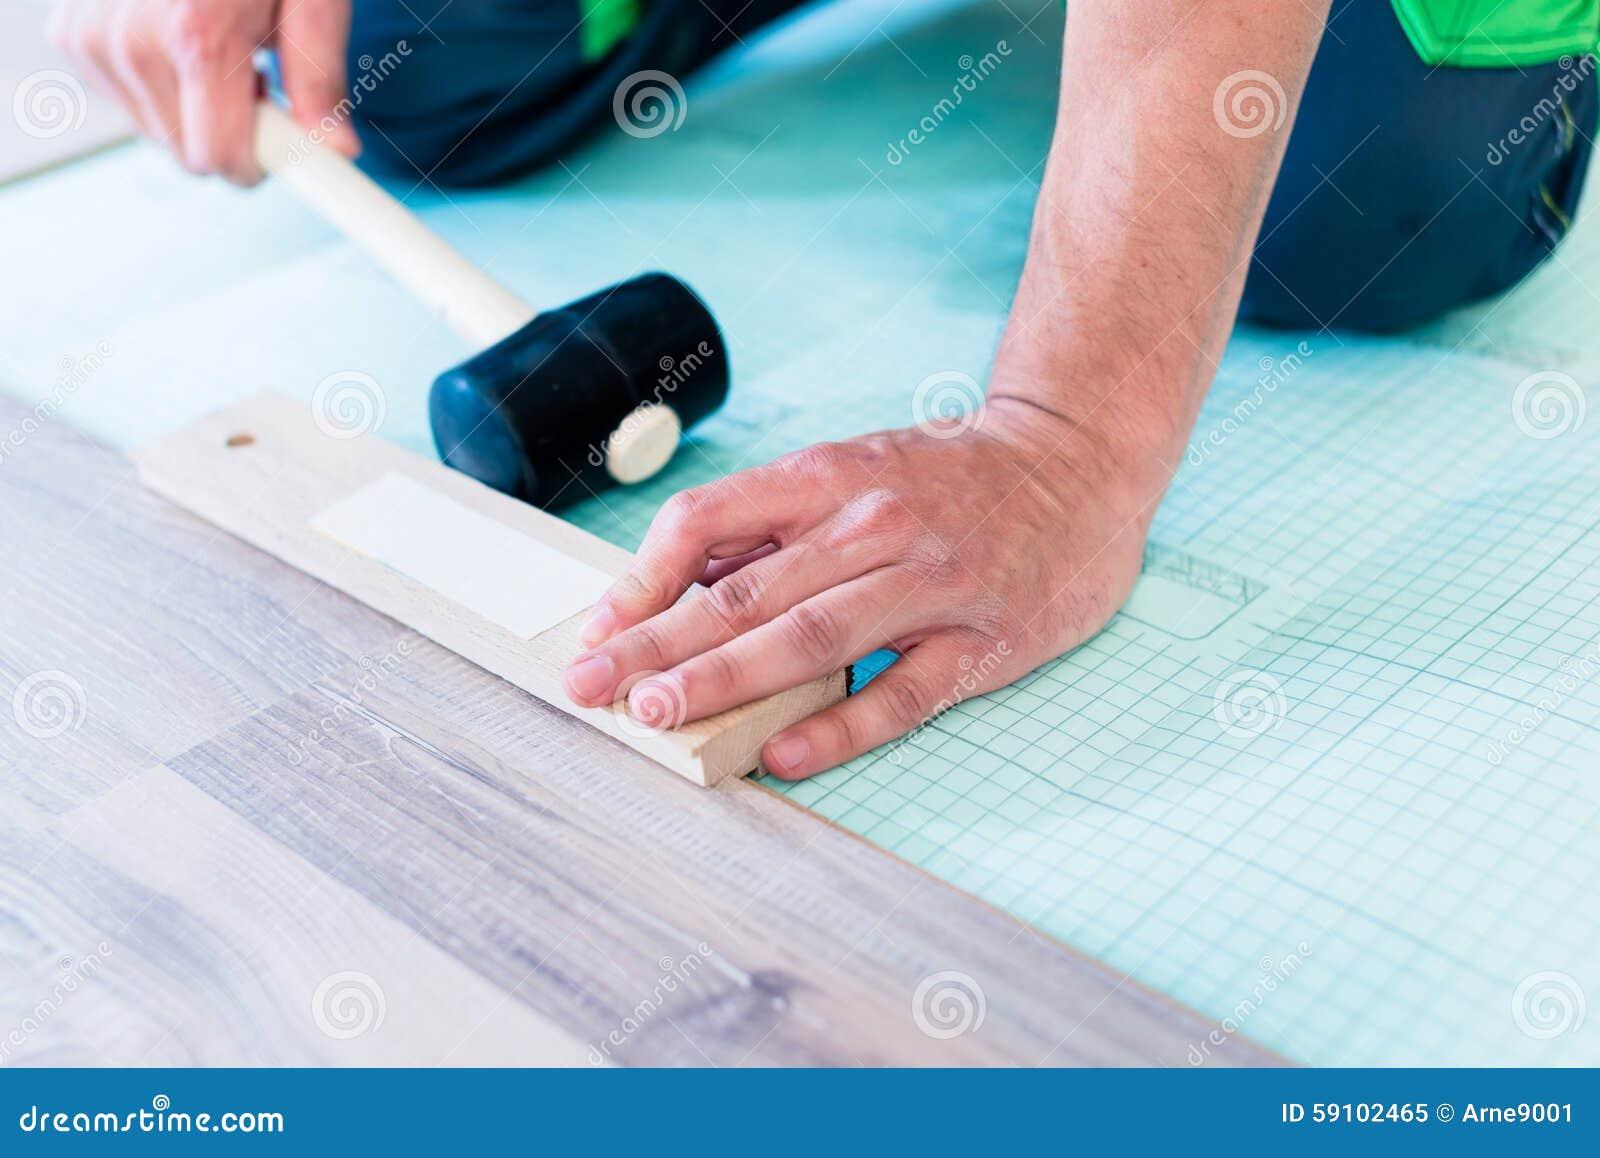 DIY工作员地板公寓地板